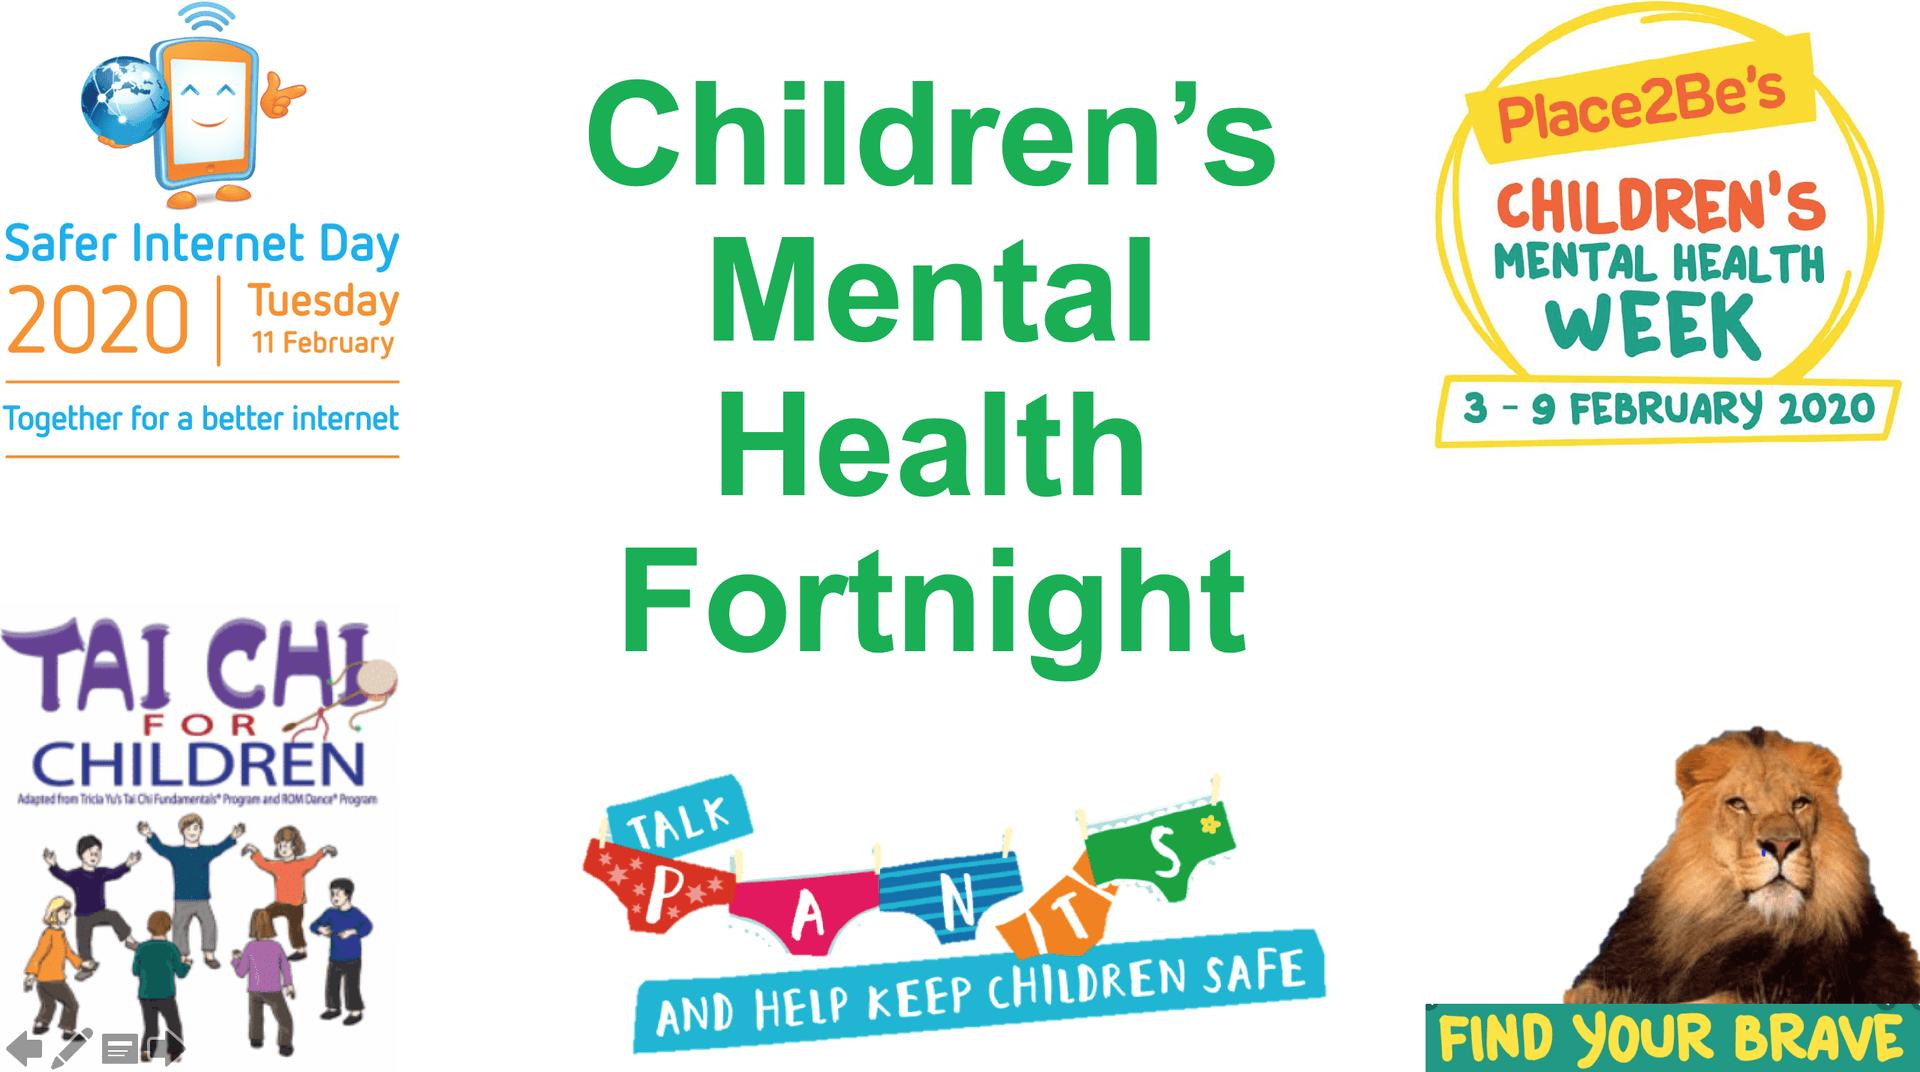 Children's Mental Health Fortnight